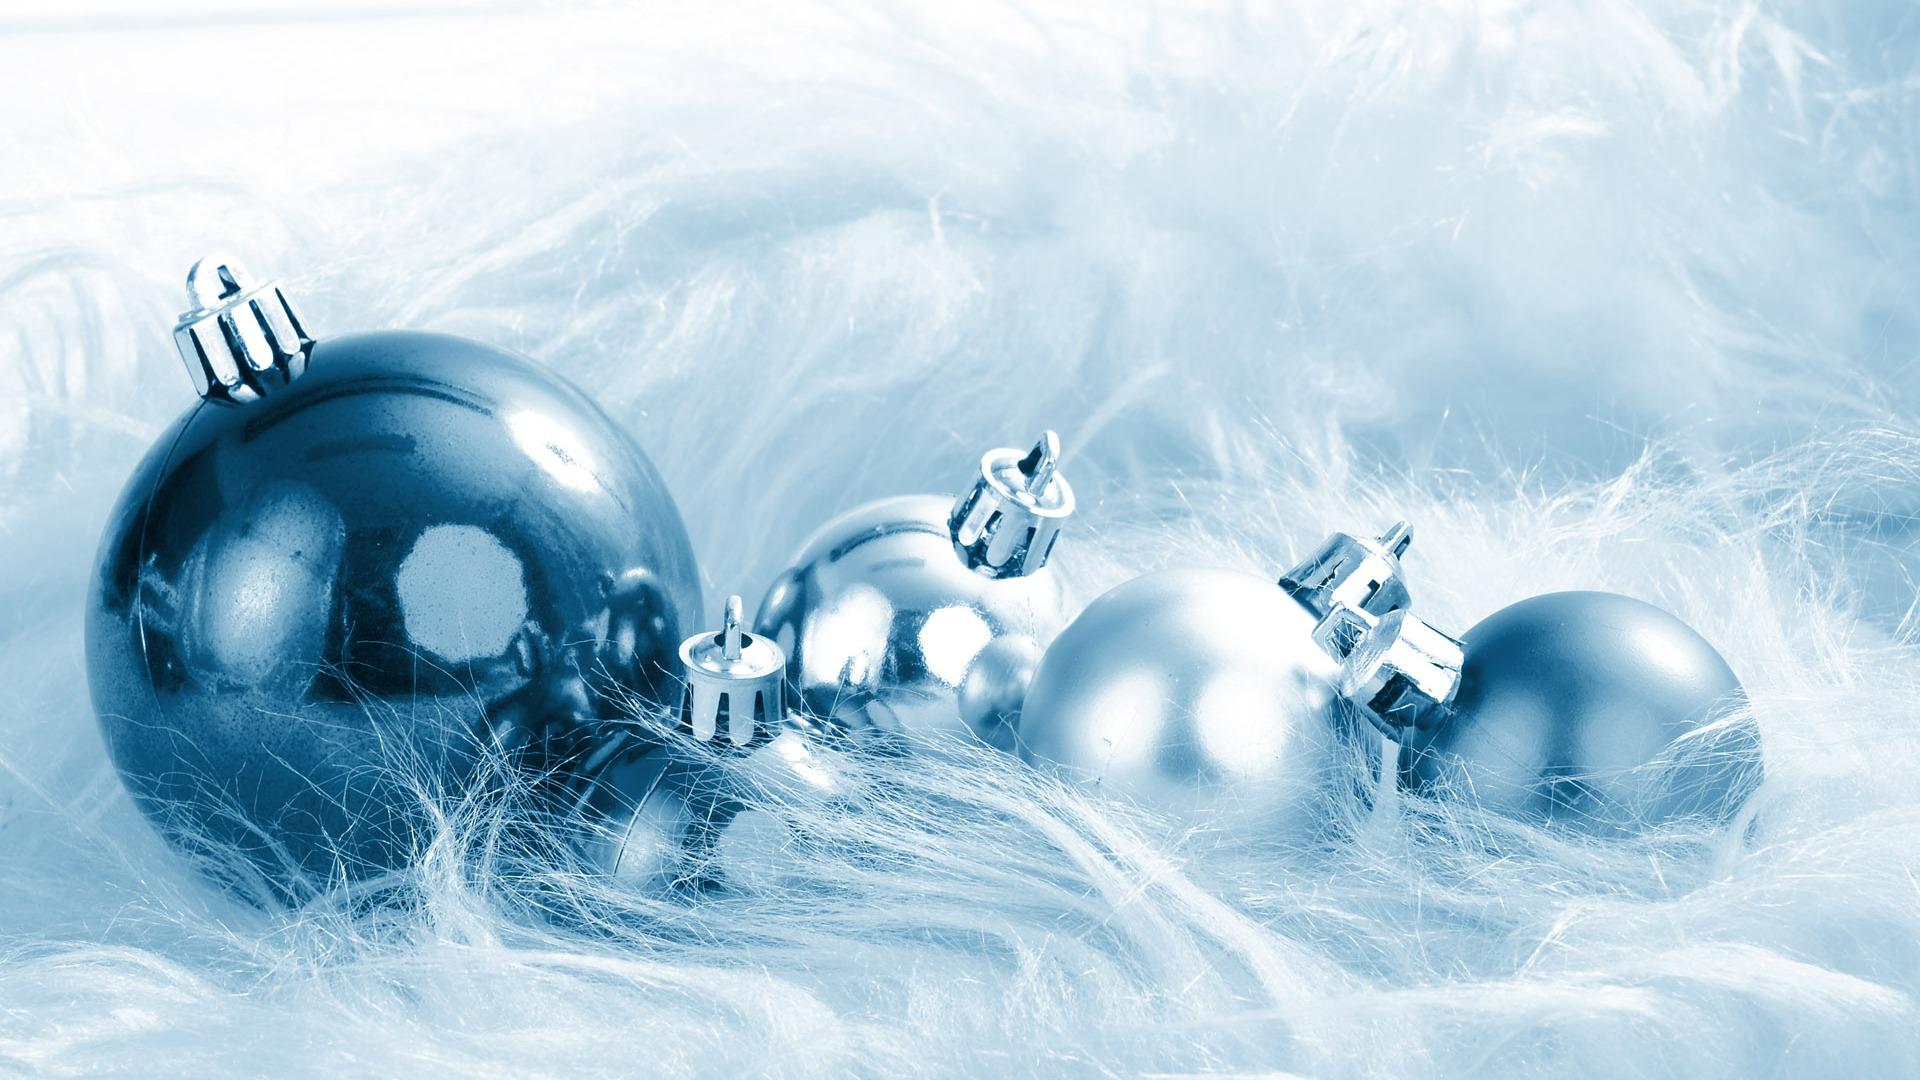 Navidad bolas de papel tapiz 1 9 1920x1080 fondos de - Bolas navidad de papel ...